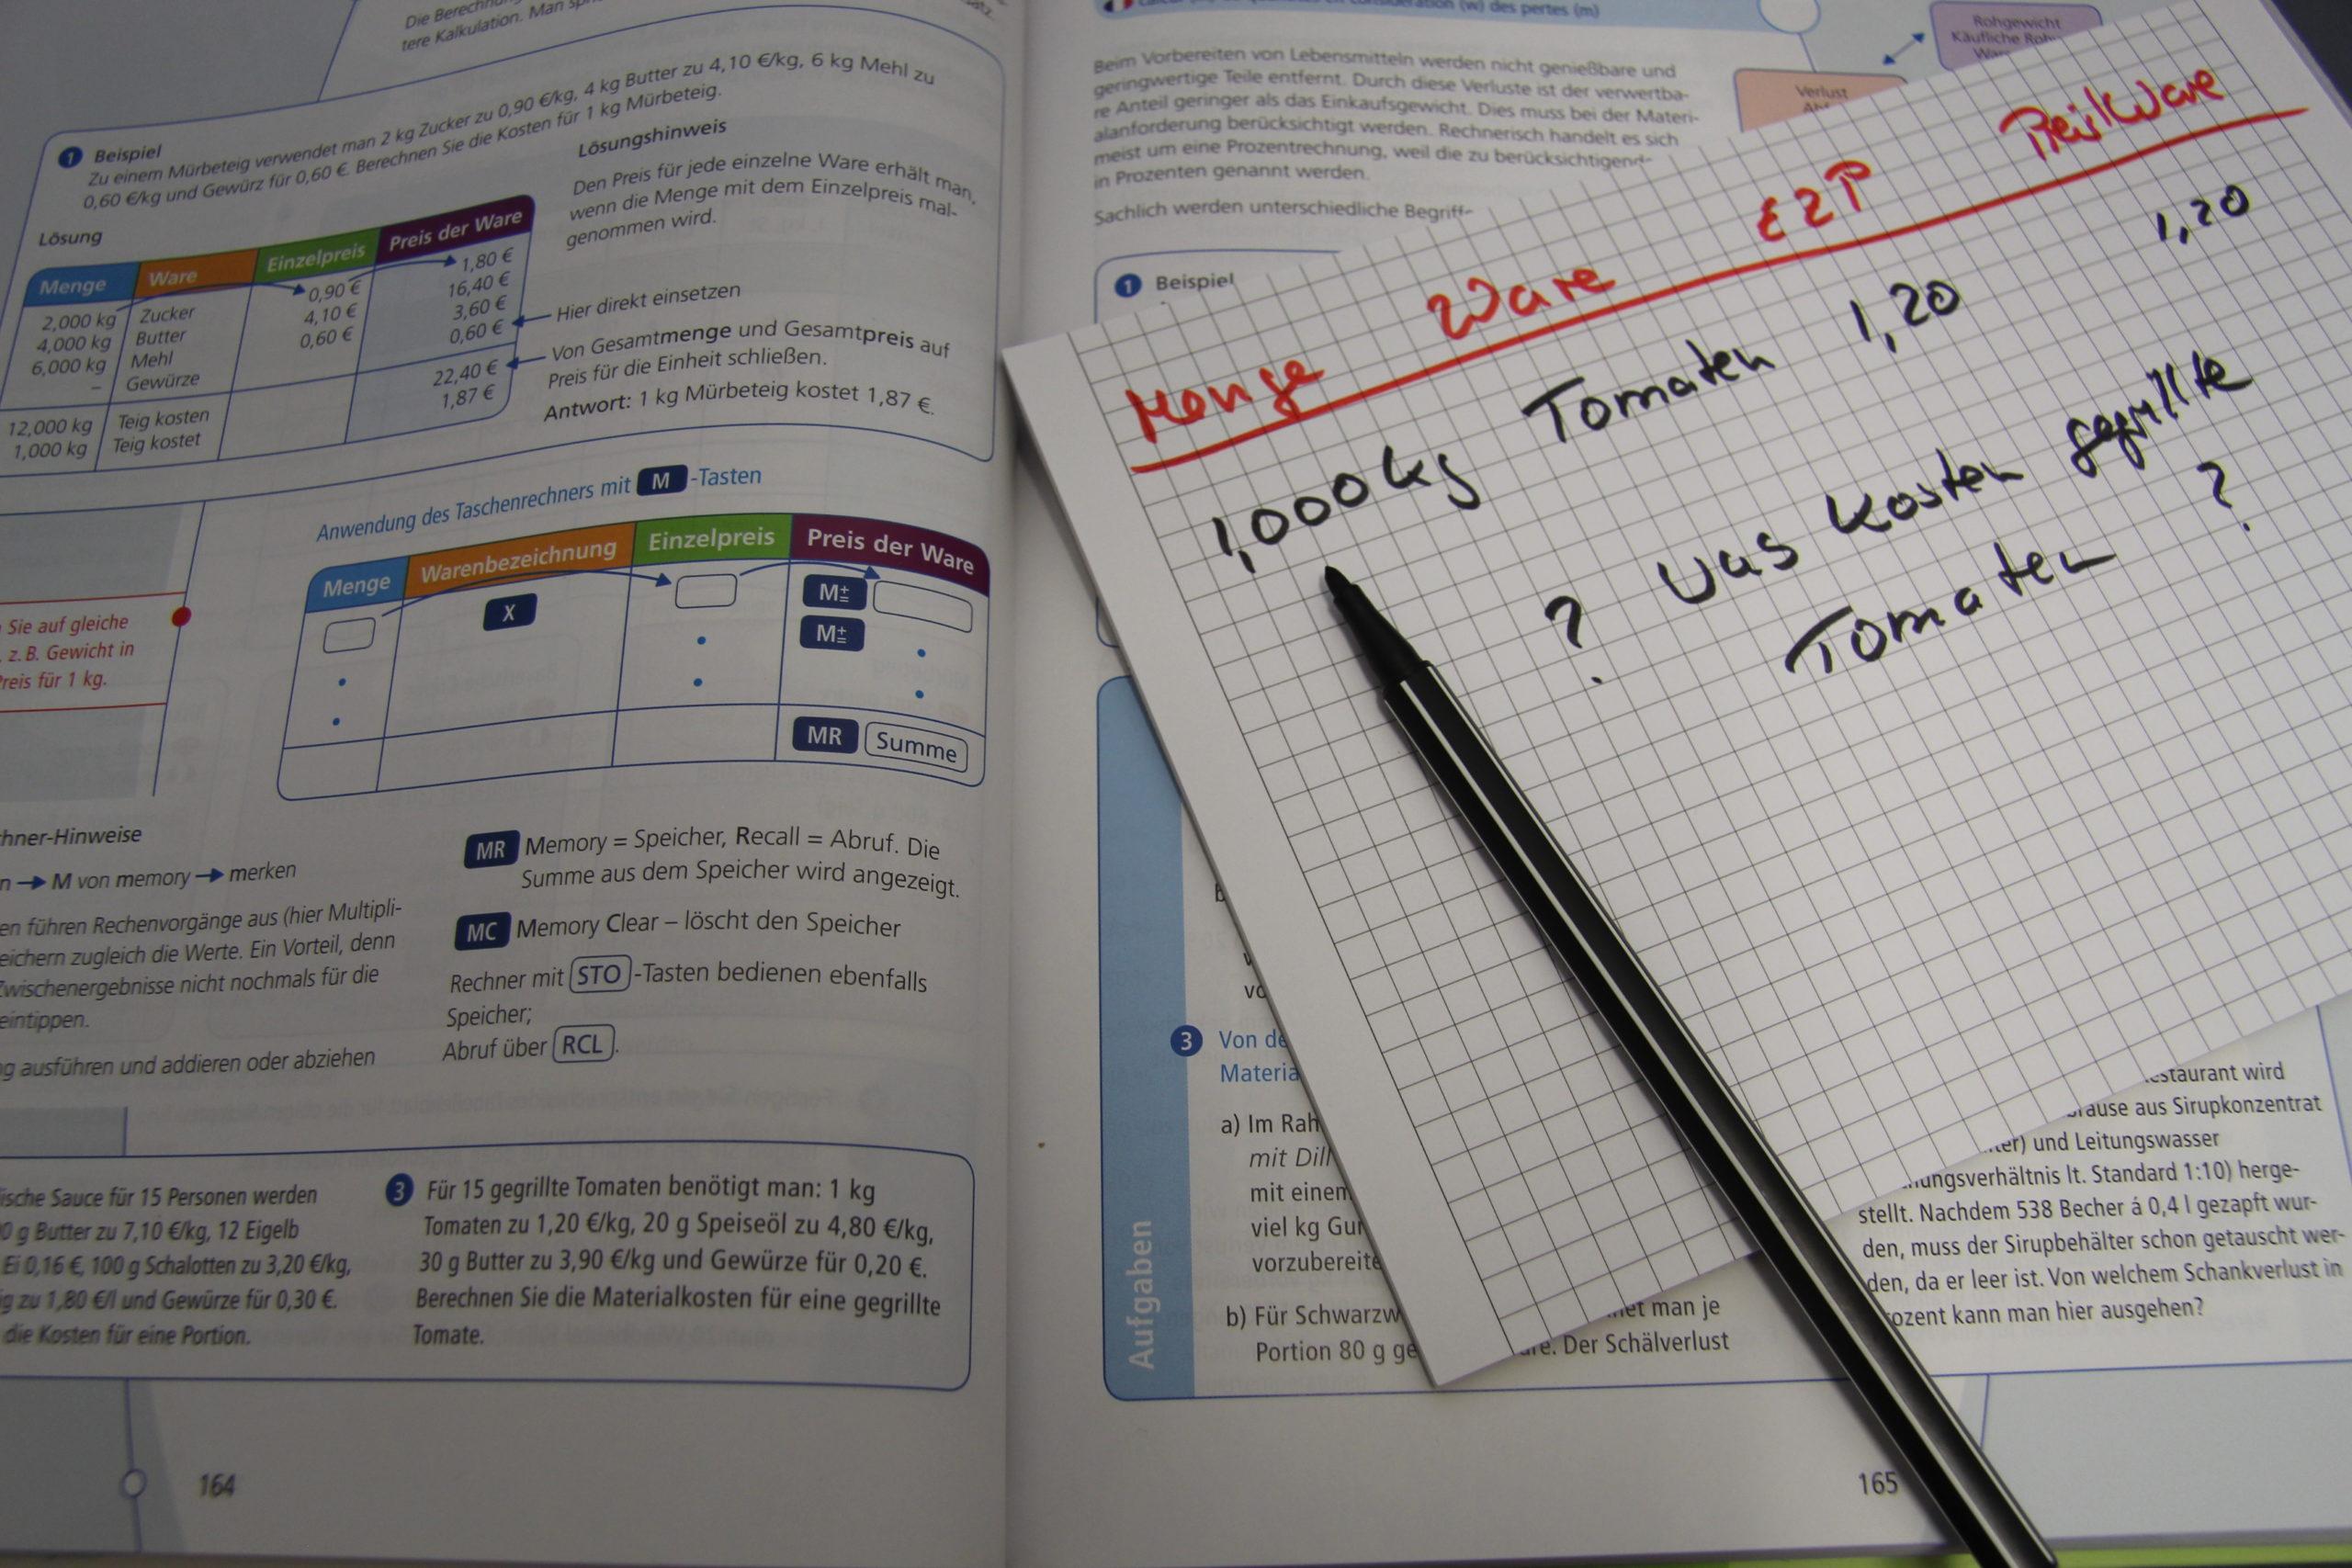 Online-Schulung: Erhöhung des Deckungsbeitrags